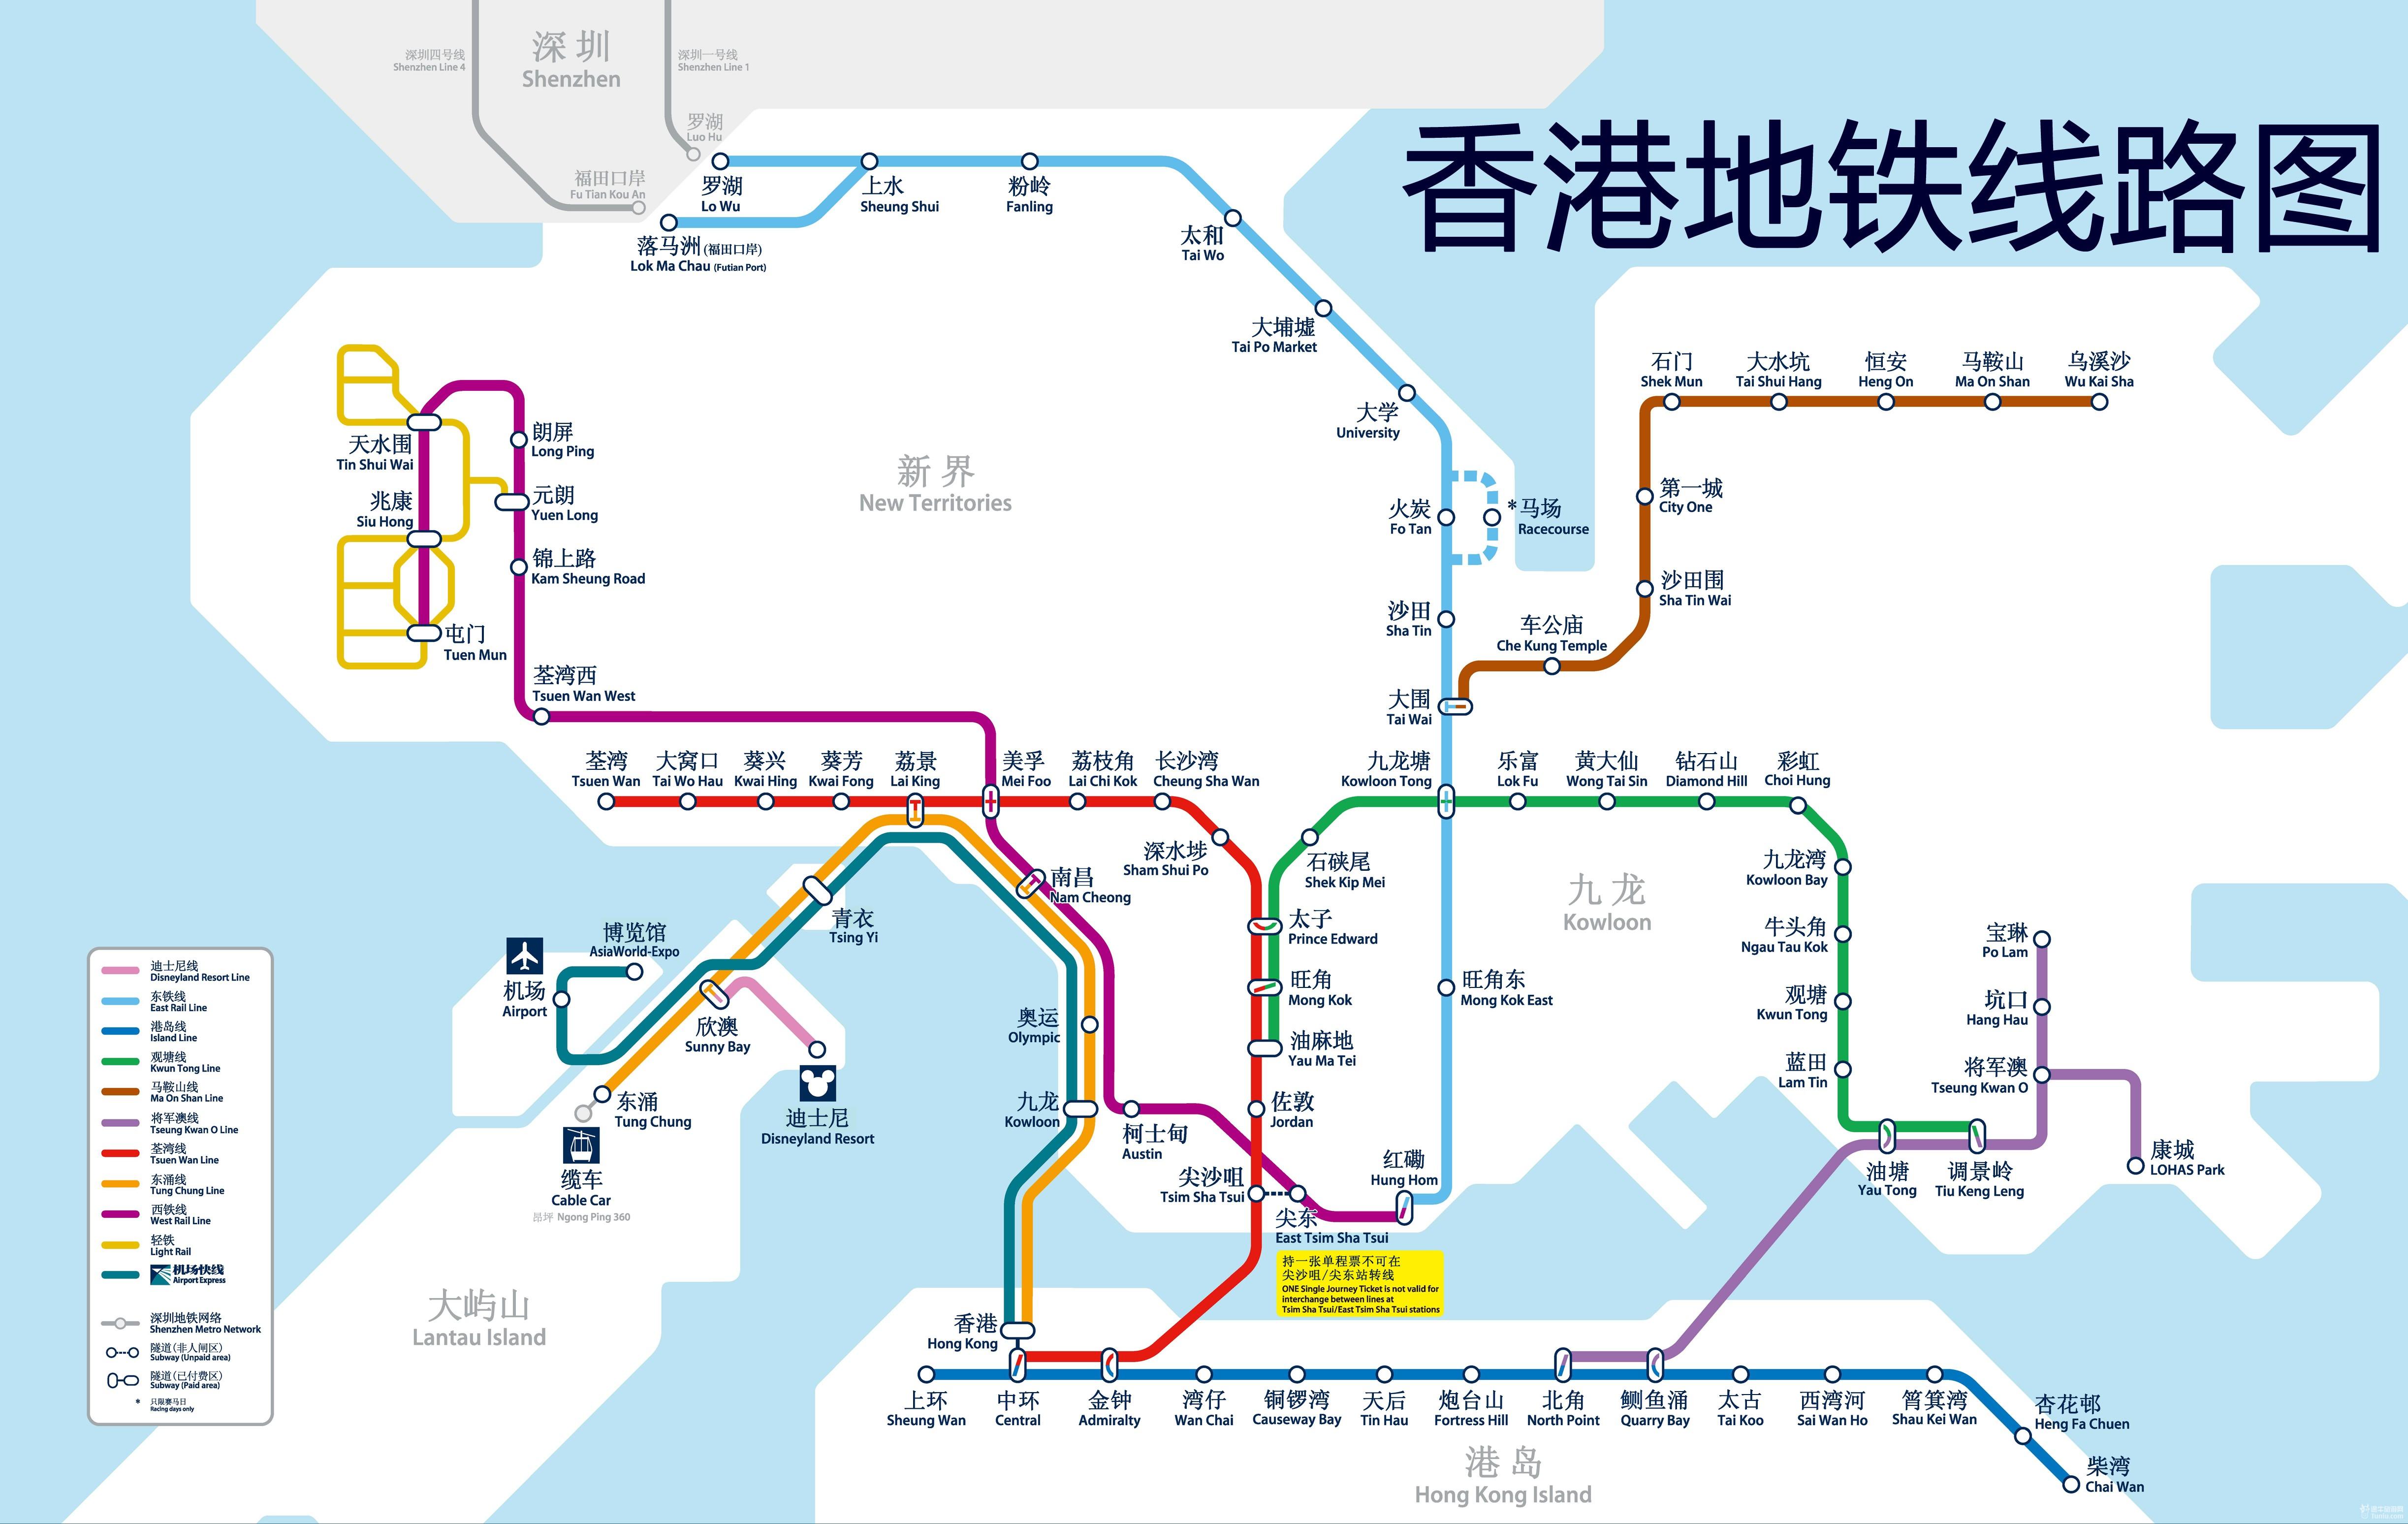 香港地铁全图高清版 香港地铁 2015香港地铁地图